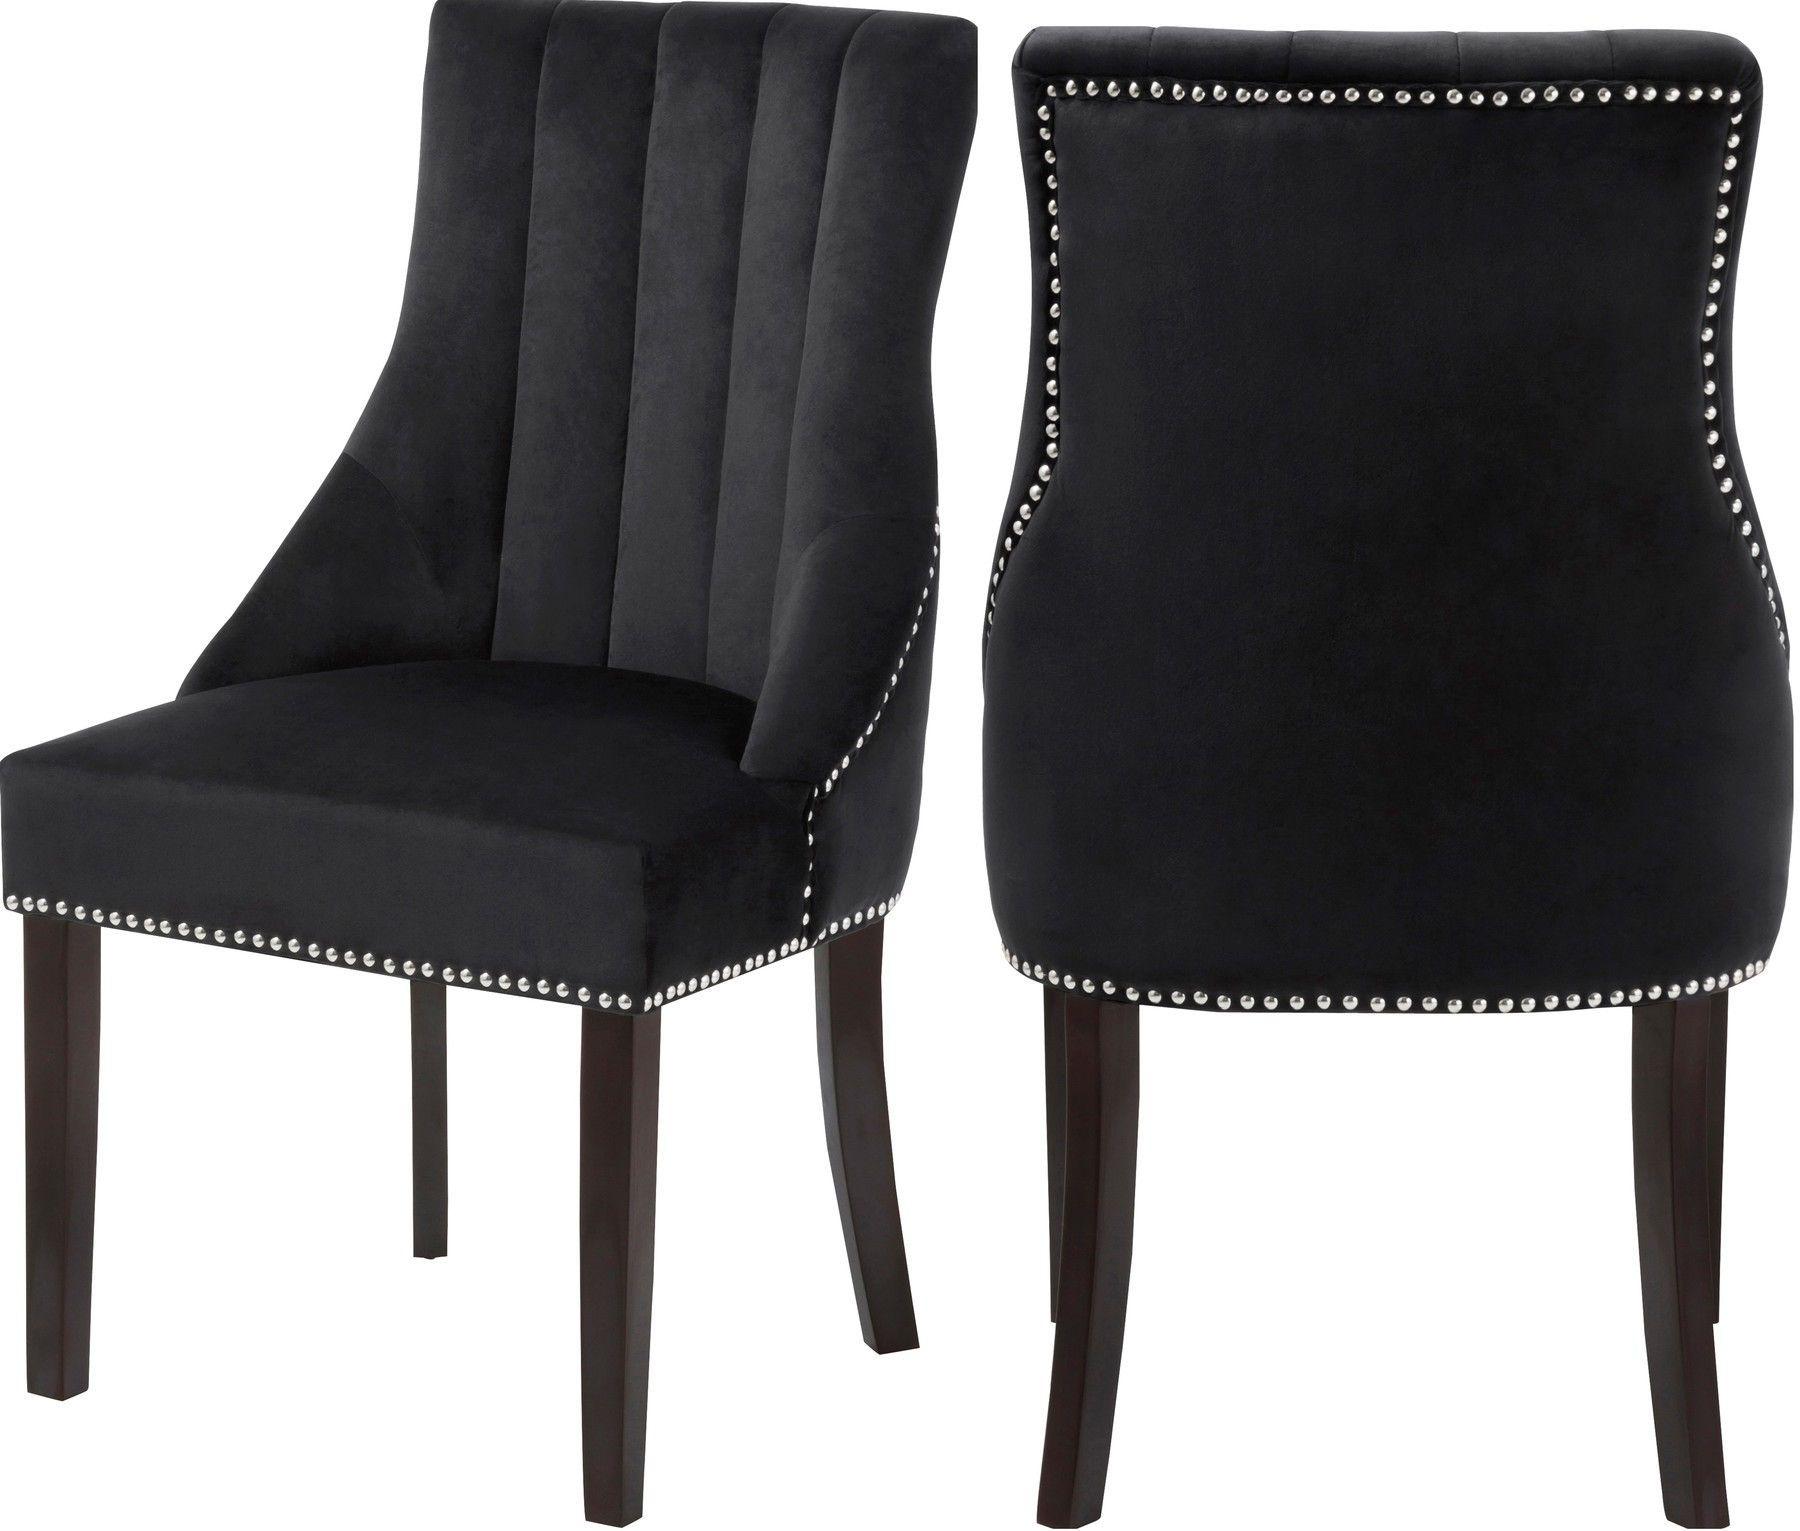 Meridian Oxford Black Velvet Dining Chair W Chrome Nailheads